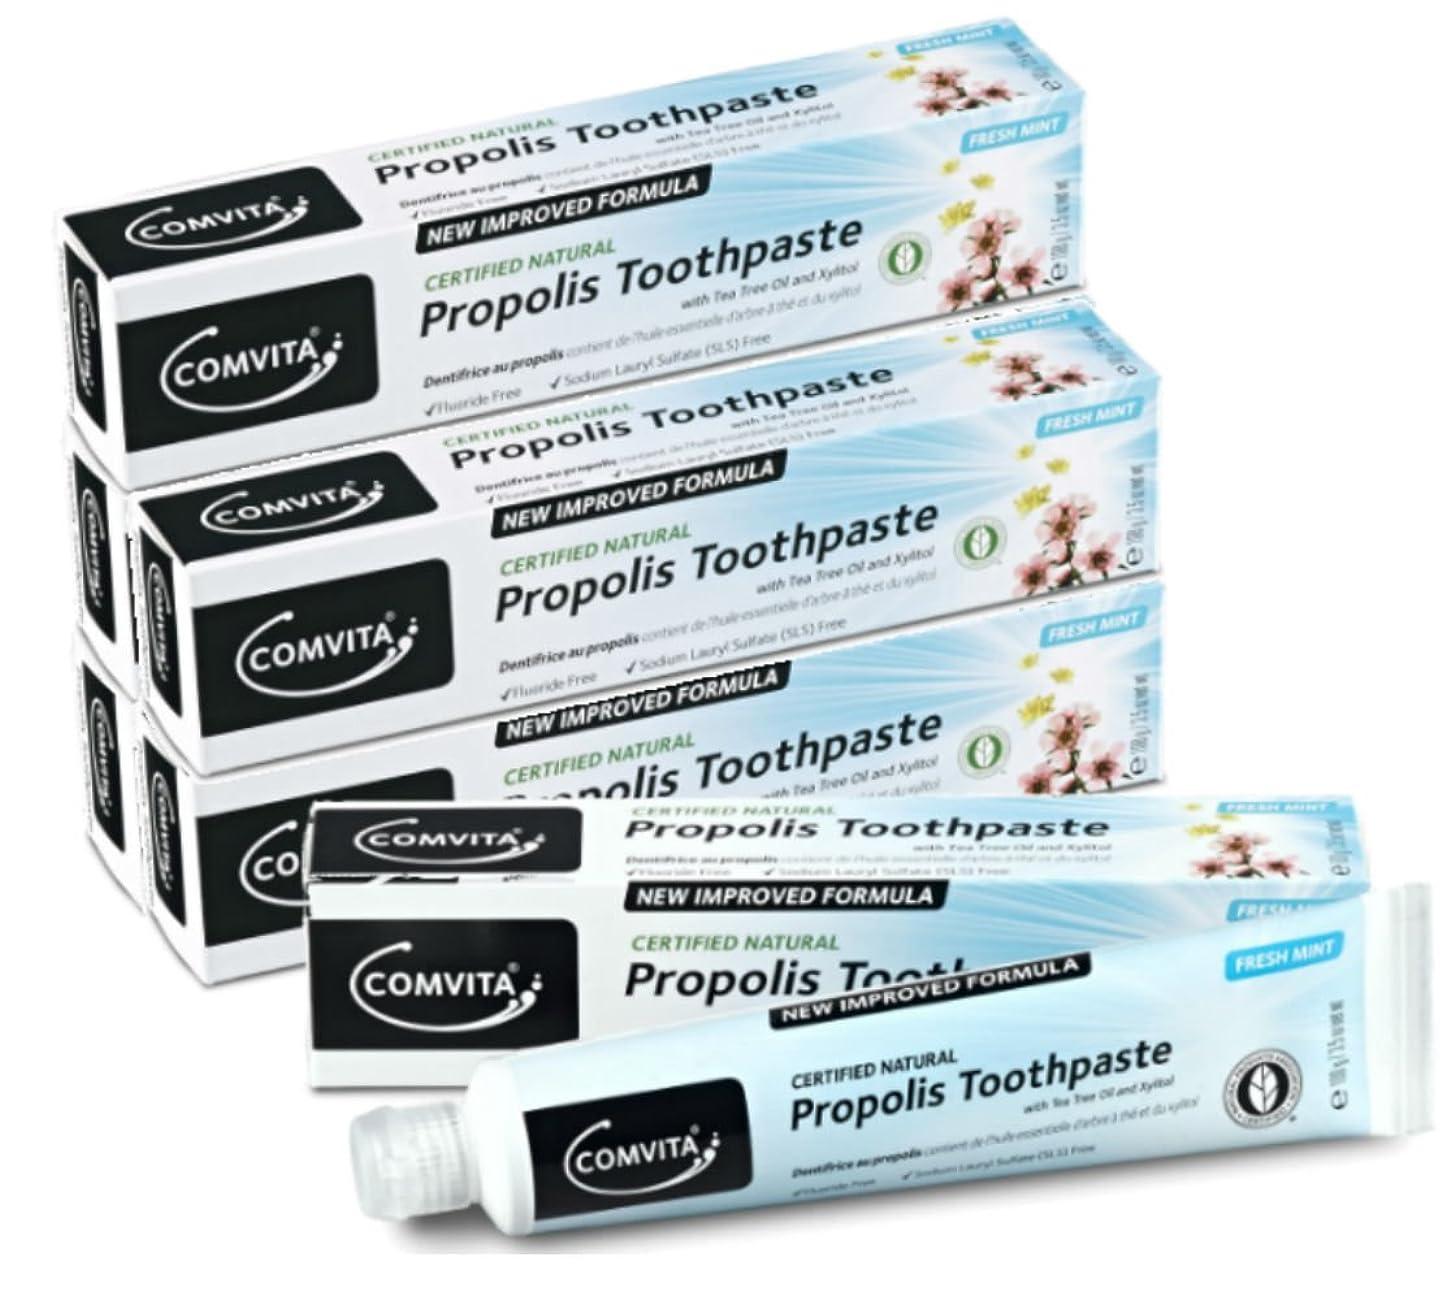 アベニュー帰るパーチナシティプロポリス歯磨き コンビタ アピセラ歯磨き (100g) お得な6本セット ティーツリーオイル配合